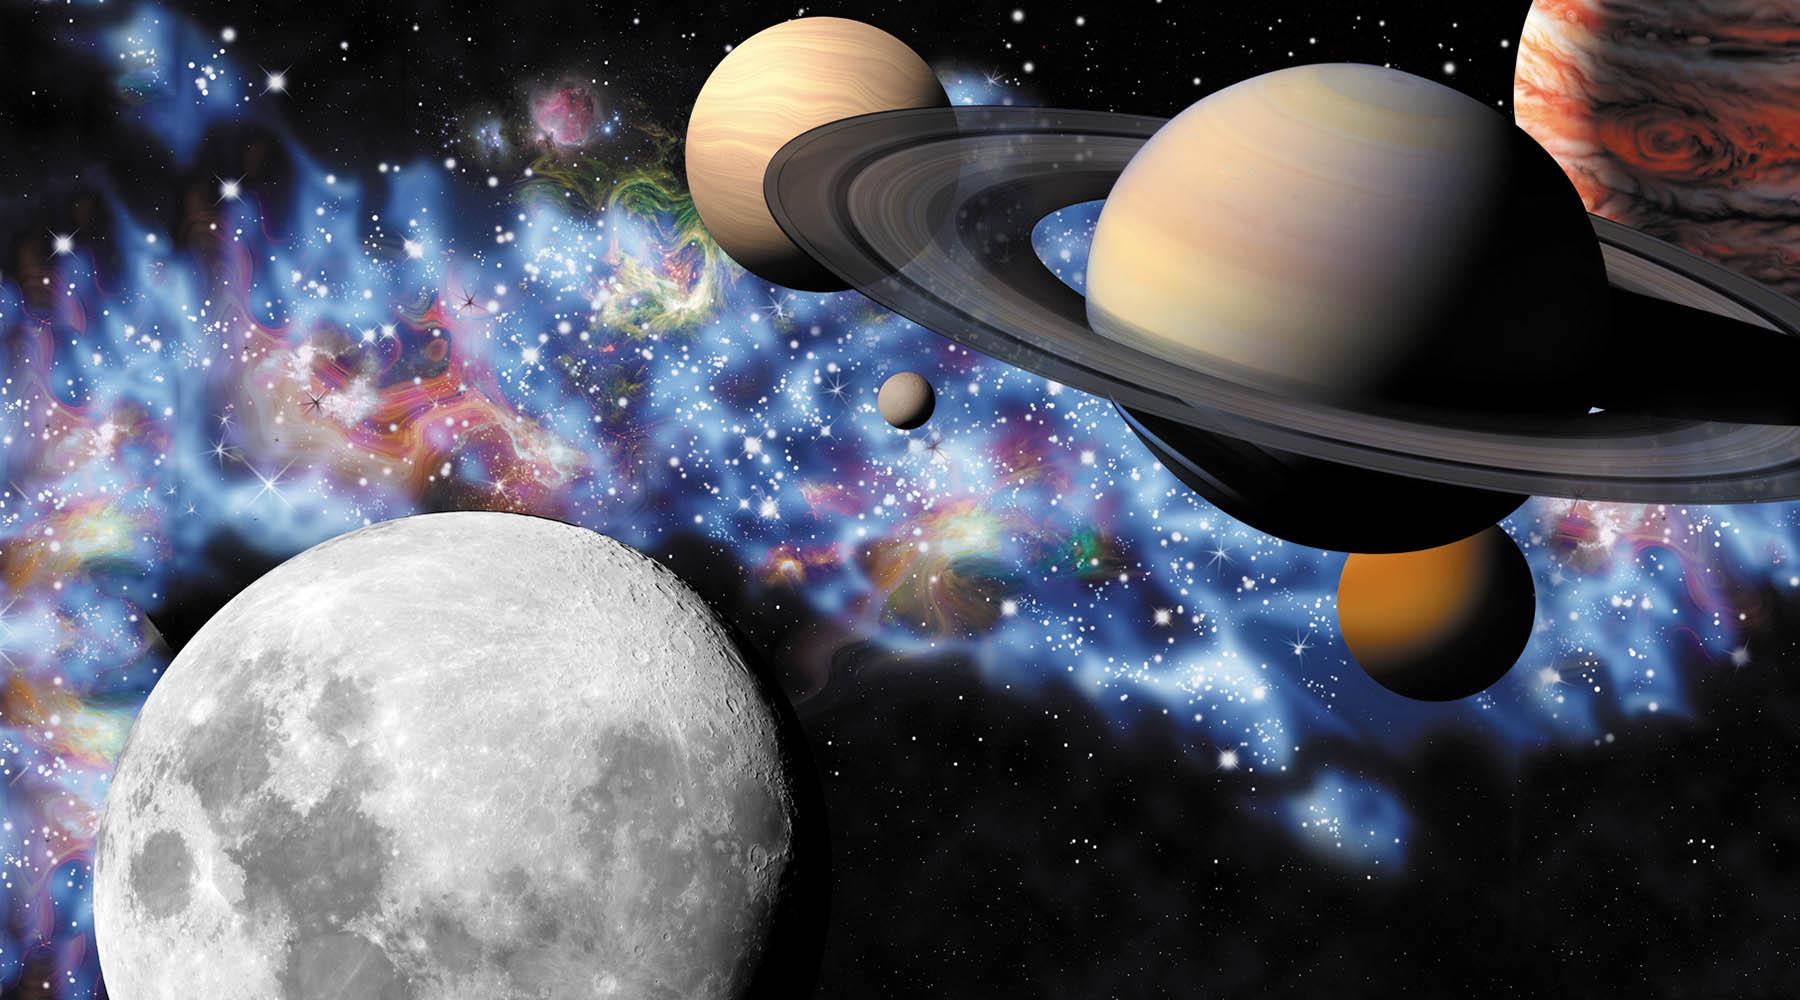 какое картинки космоса и планет солнечной системы сервис, чувствуется забота